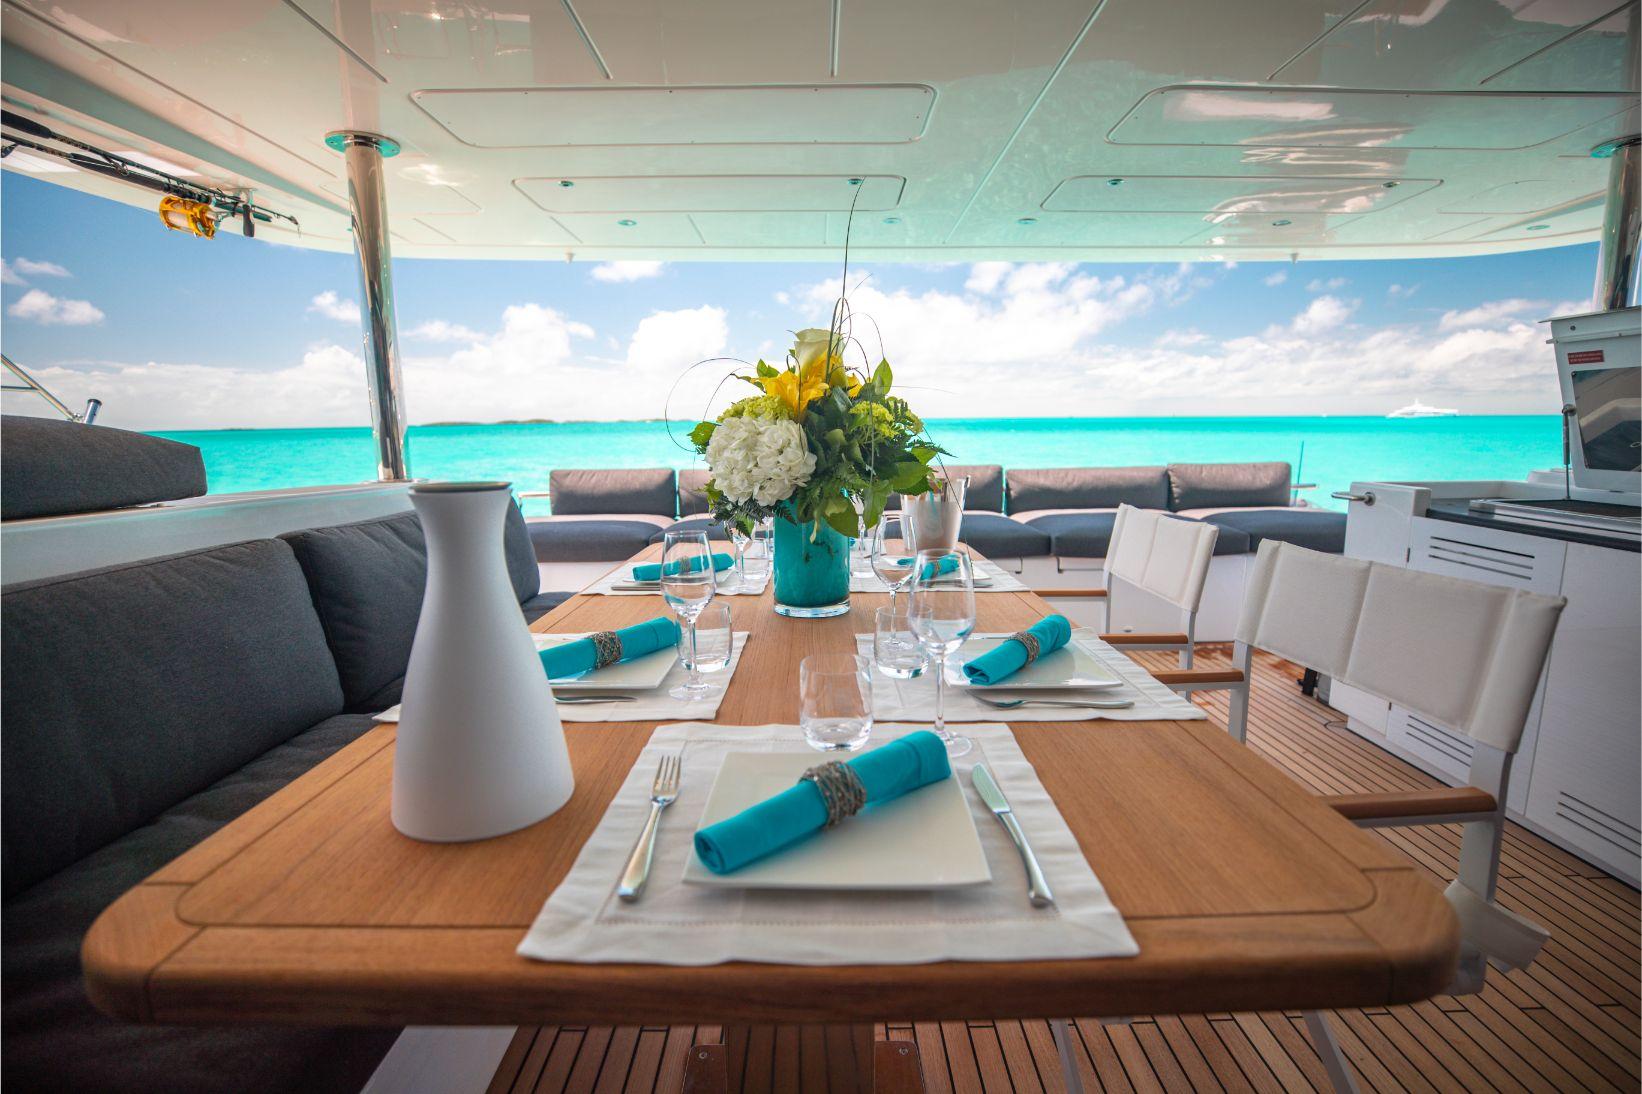 Salle à manger extérieure sur catamaran privé